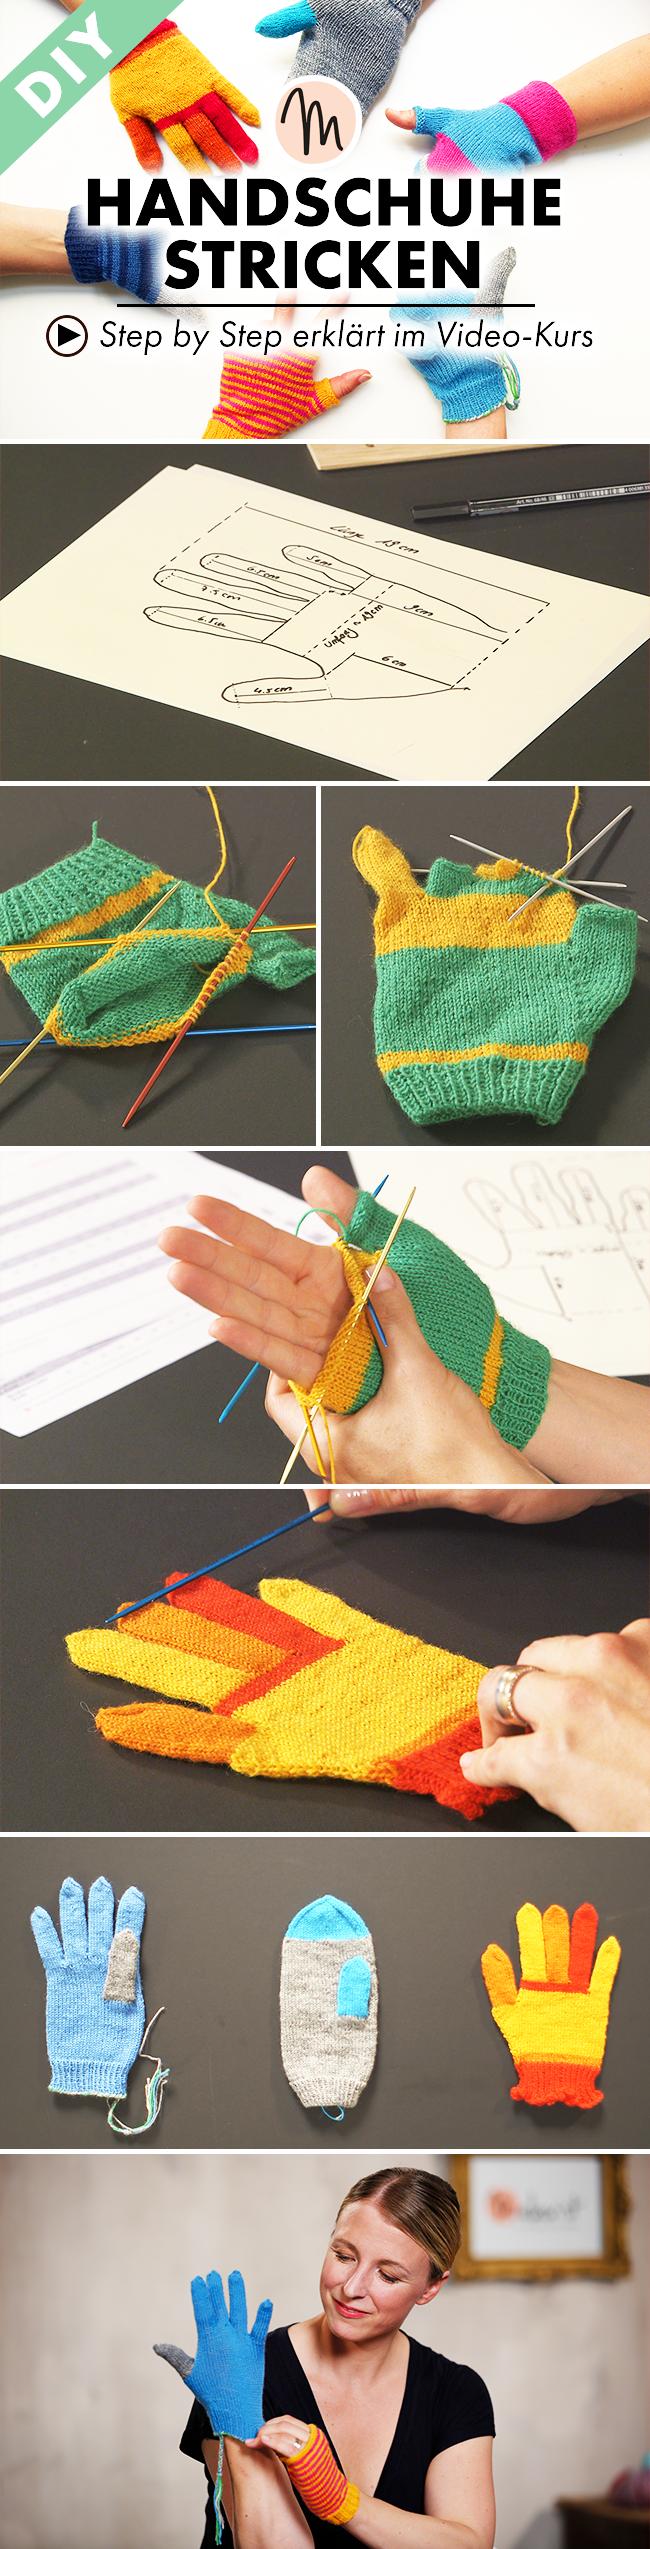 Photo of Stricke deine Handschuhe so wie du sie brauchst – Step by Step erklärt im Video…